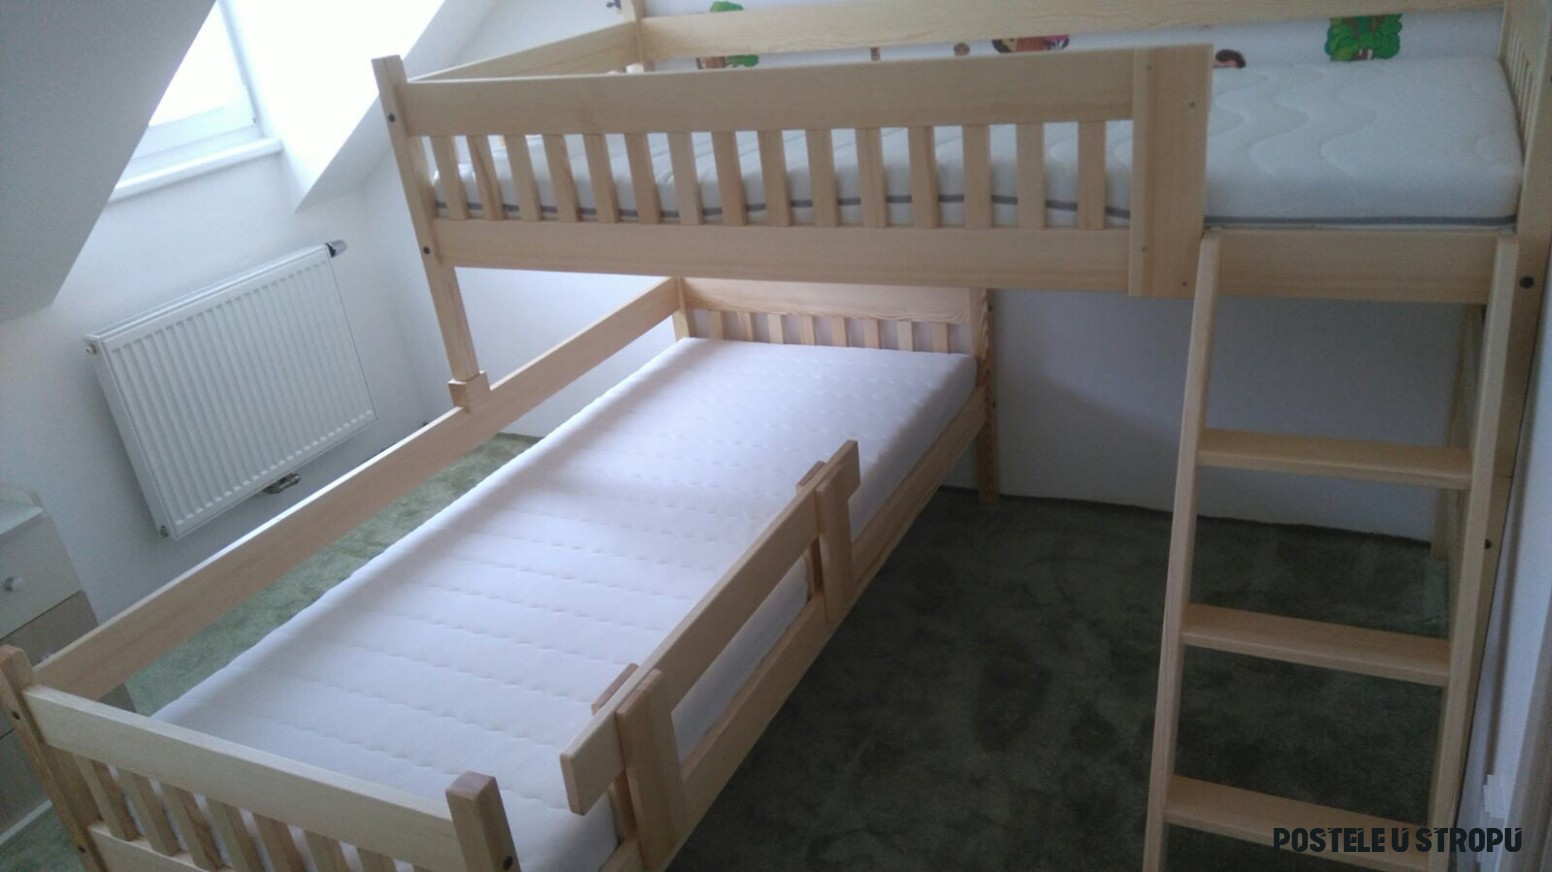 Patrová postel v bytě s nízkými stropy